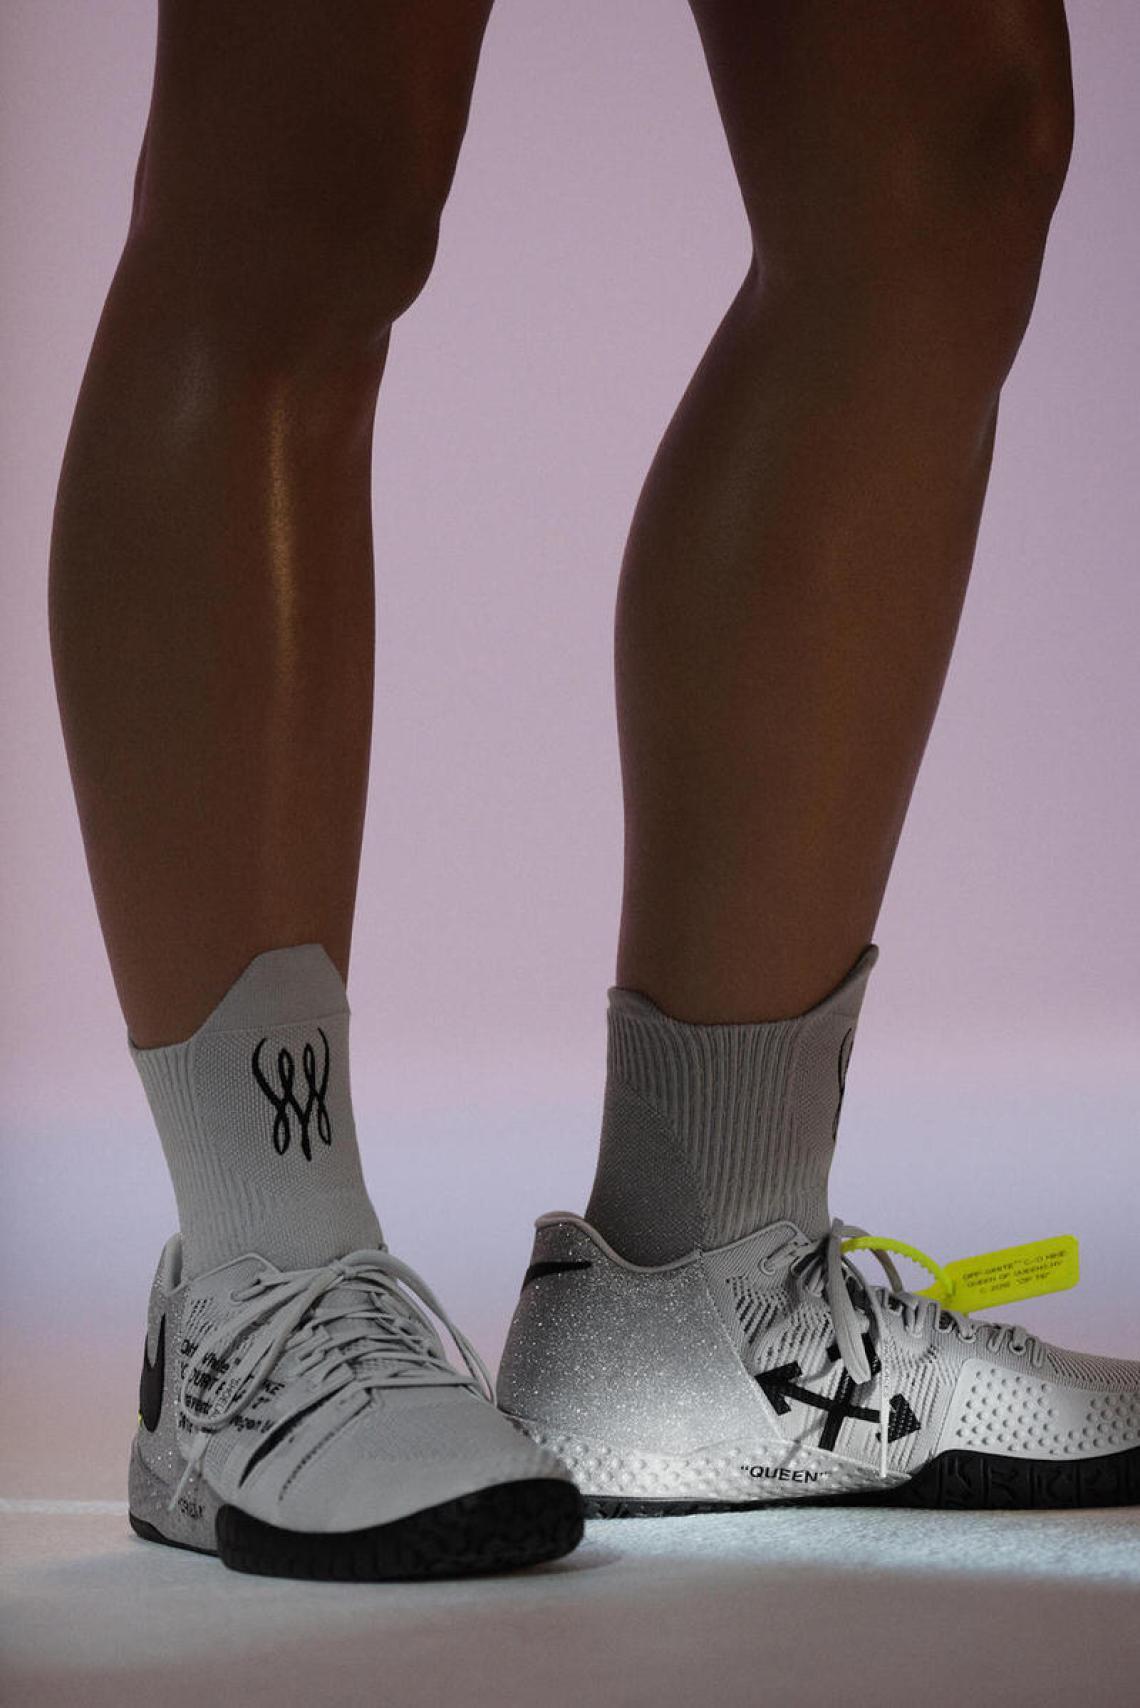 OFF WHITE x NikeCourt Flare 2 PE